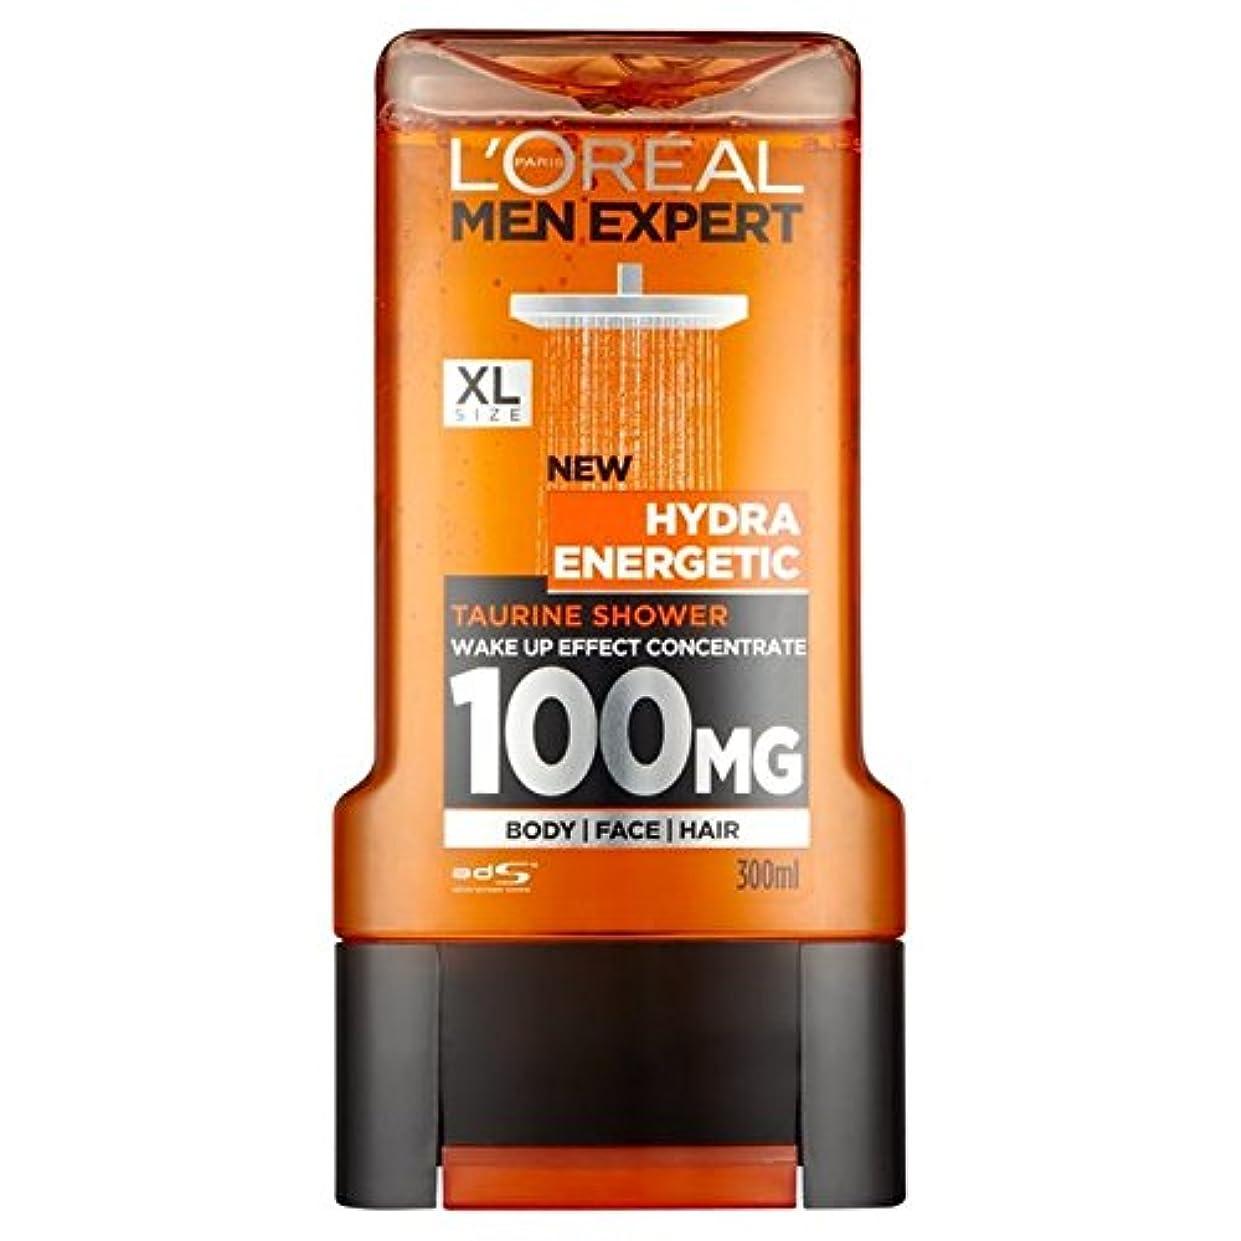 自発的タンパク質アクセスできないL'Oreal Paris Men Expert Hydra Energetic Shower Gel 300ml - ロレアルパリのメンズ専門家ヒドラエネルギッシュなシャワージェル300ミリリットル [並行輸入品]